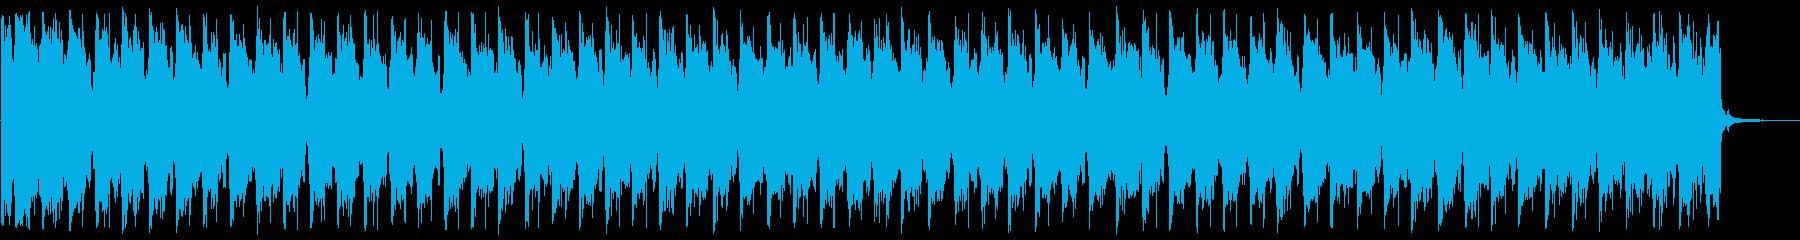 キラキラしたエレクトロ_No645_5の再生済みの波形